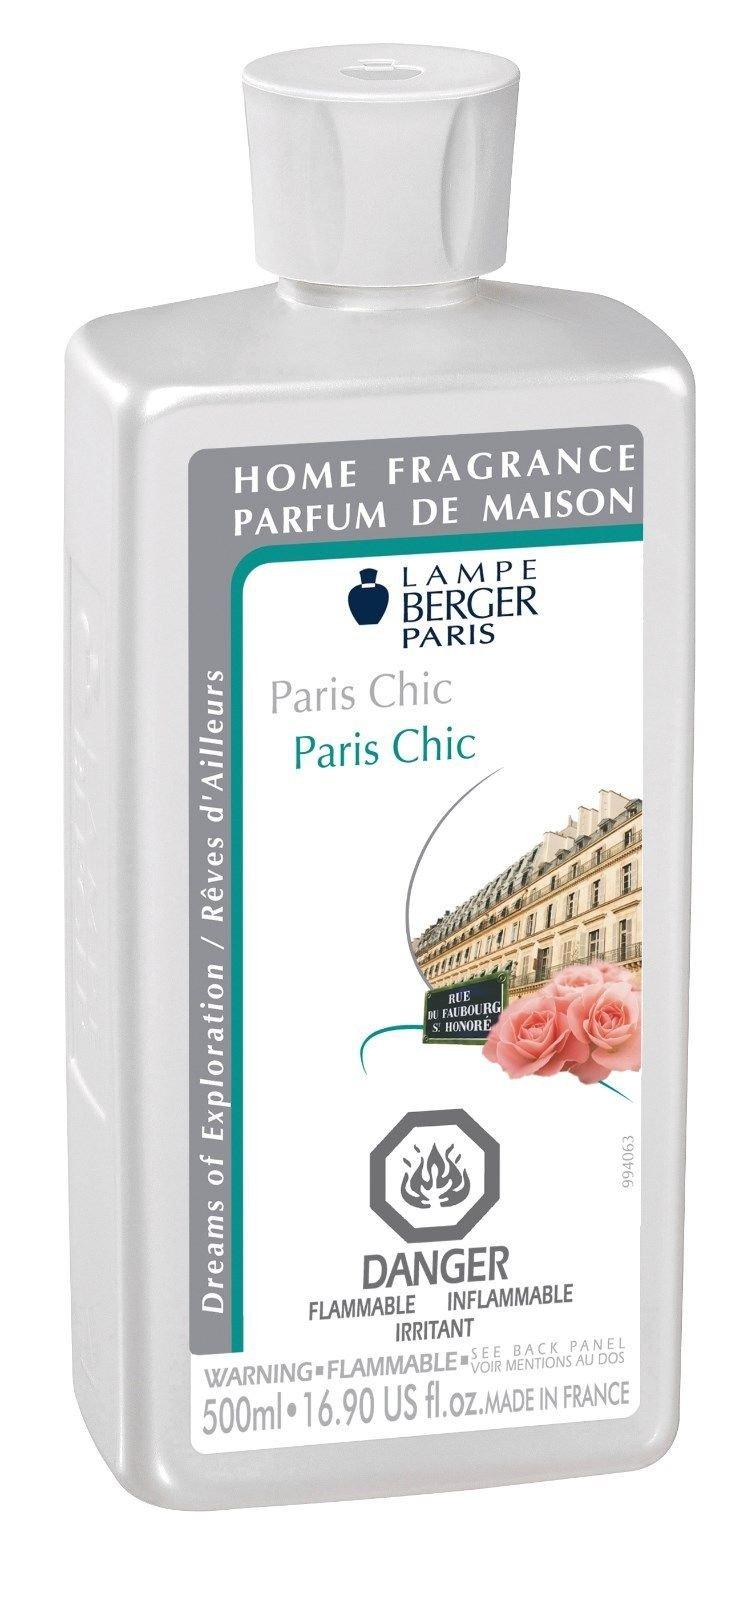 Paris Chic Lampe Berger Fragrance Oil 16.90 Fl Oz (6)